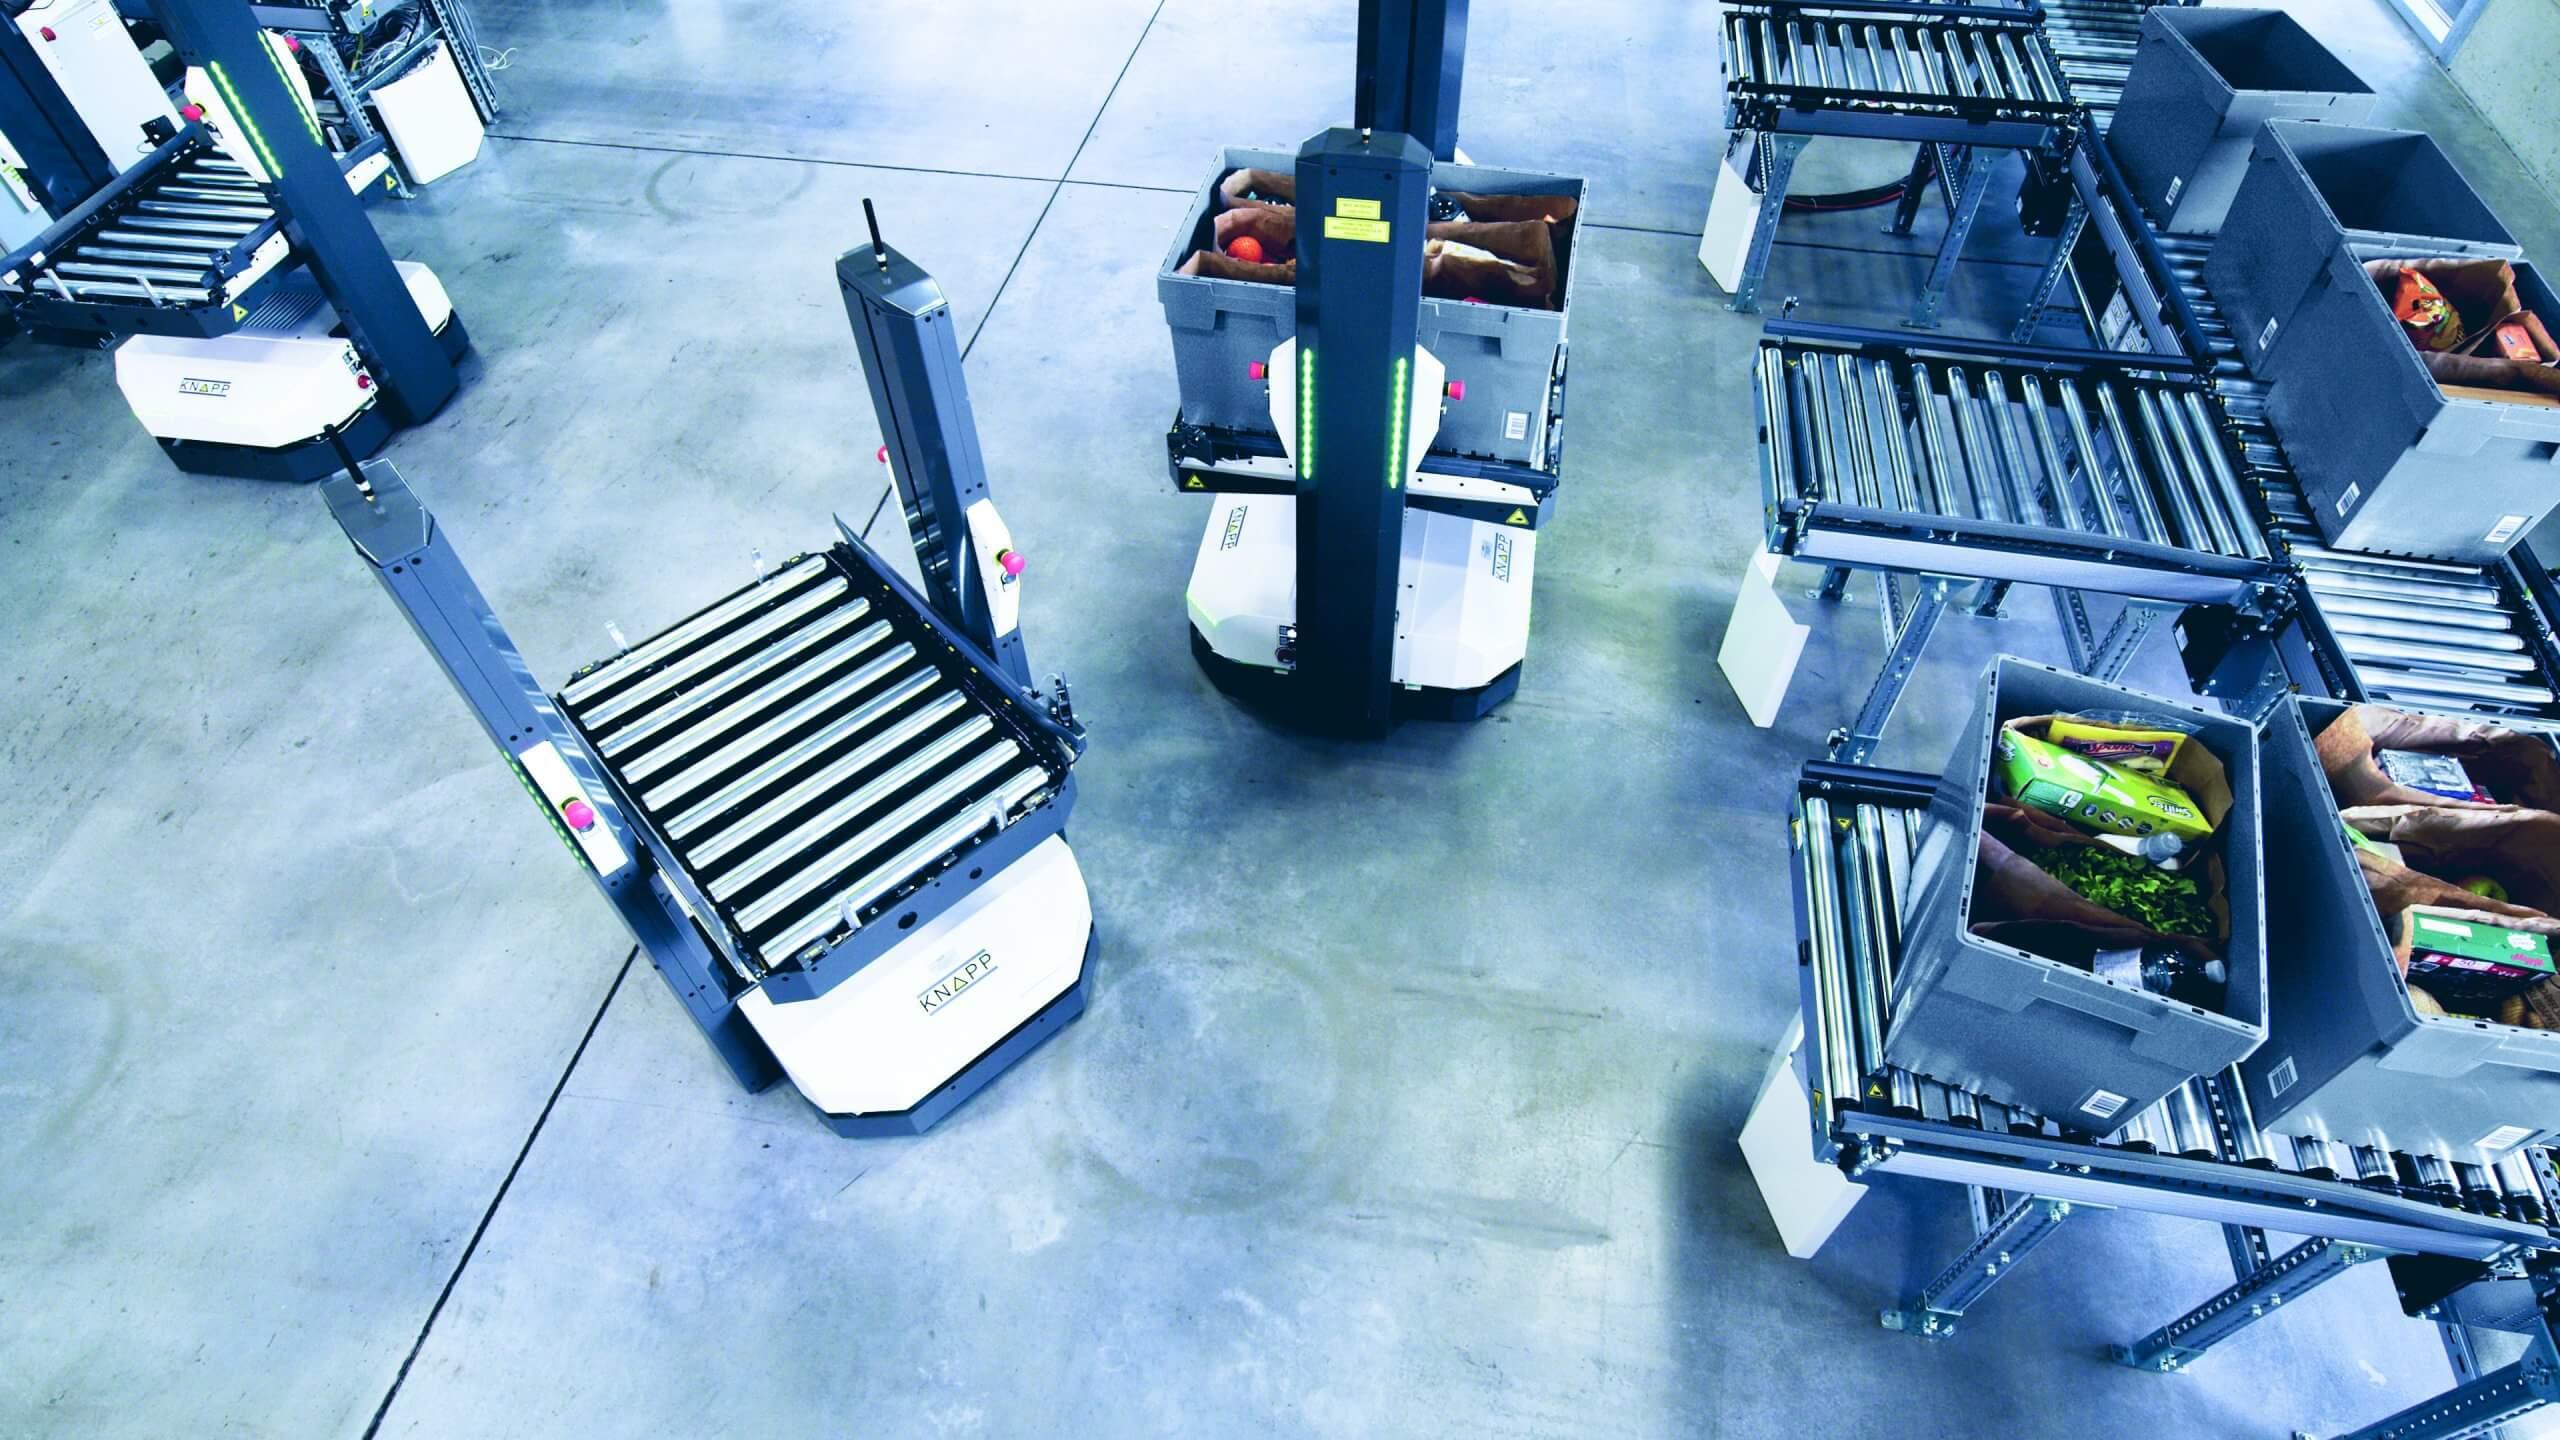 Die autonomen mobilen Roboter übernehmen die fertig kommissionierten Aufträge direkt von der Fördertechnik, welche an die Arbeitsplätze angebunden sind.